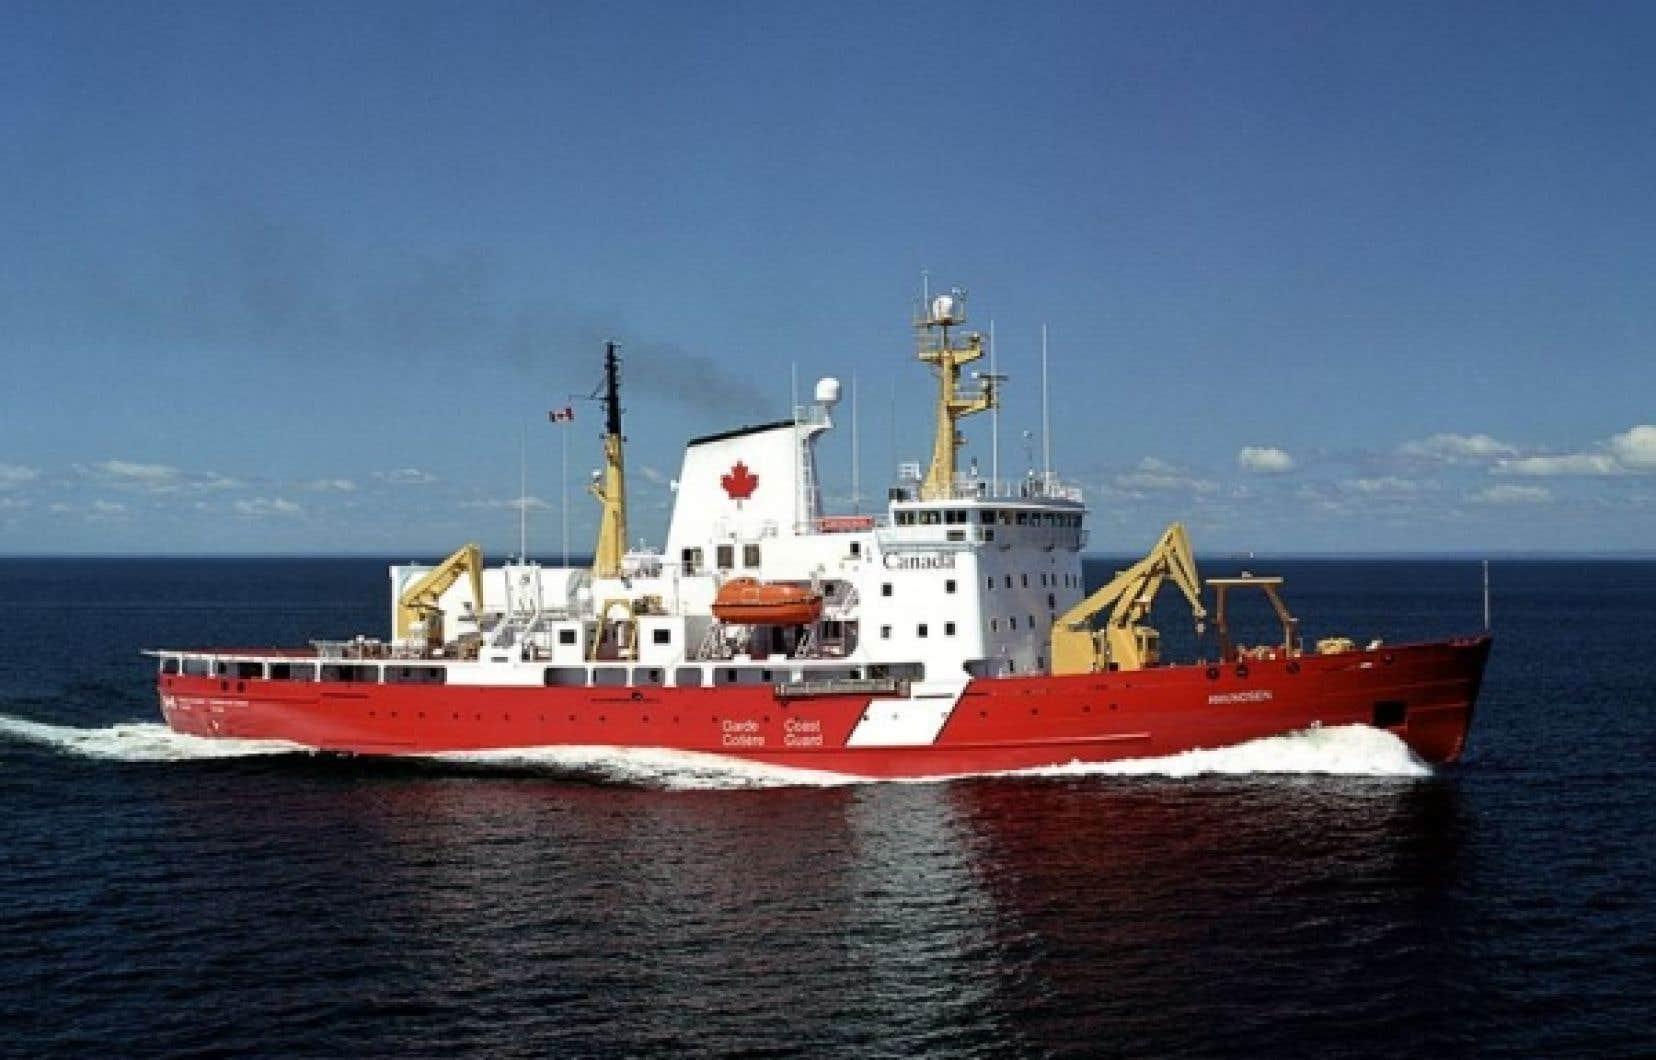 Pêches et Océans, qui subit sa troisième vague de compressions depuis décembre, voit 395 de ses employés menacés par les envois de lettres mercredi.